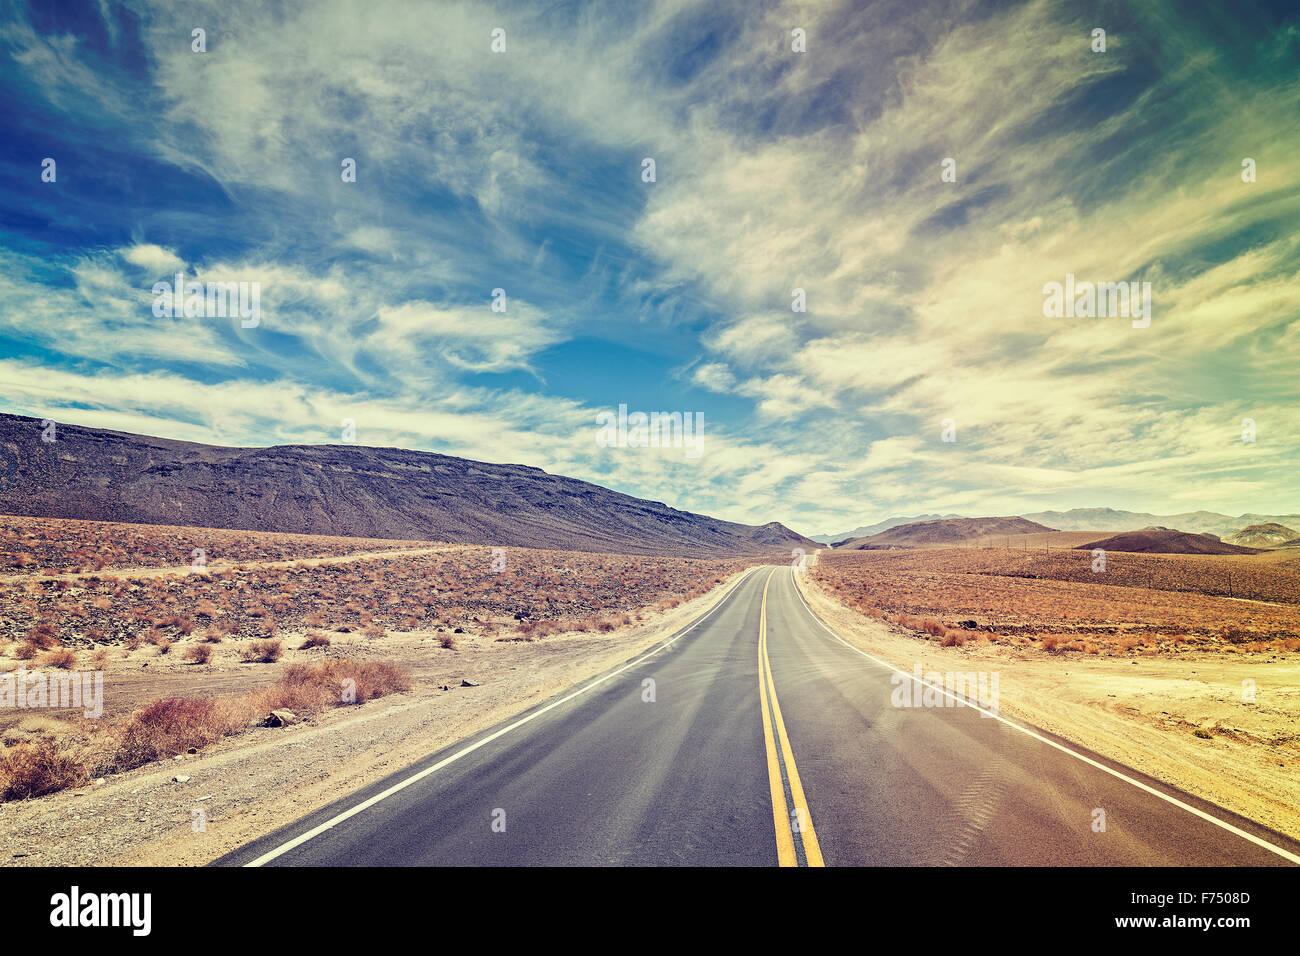 Vintage estilizado país interminable autopista en el Valle de la Muerte, California, Estados Unidos. Imagen De Stock